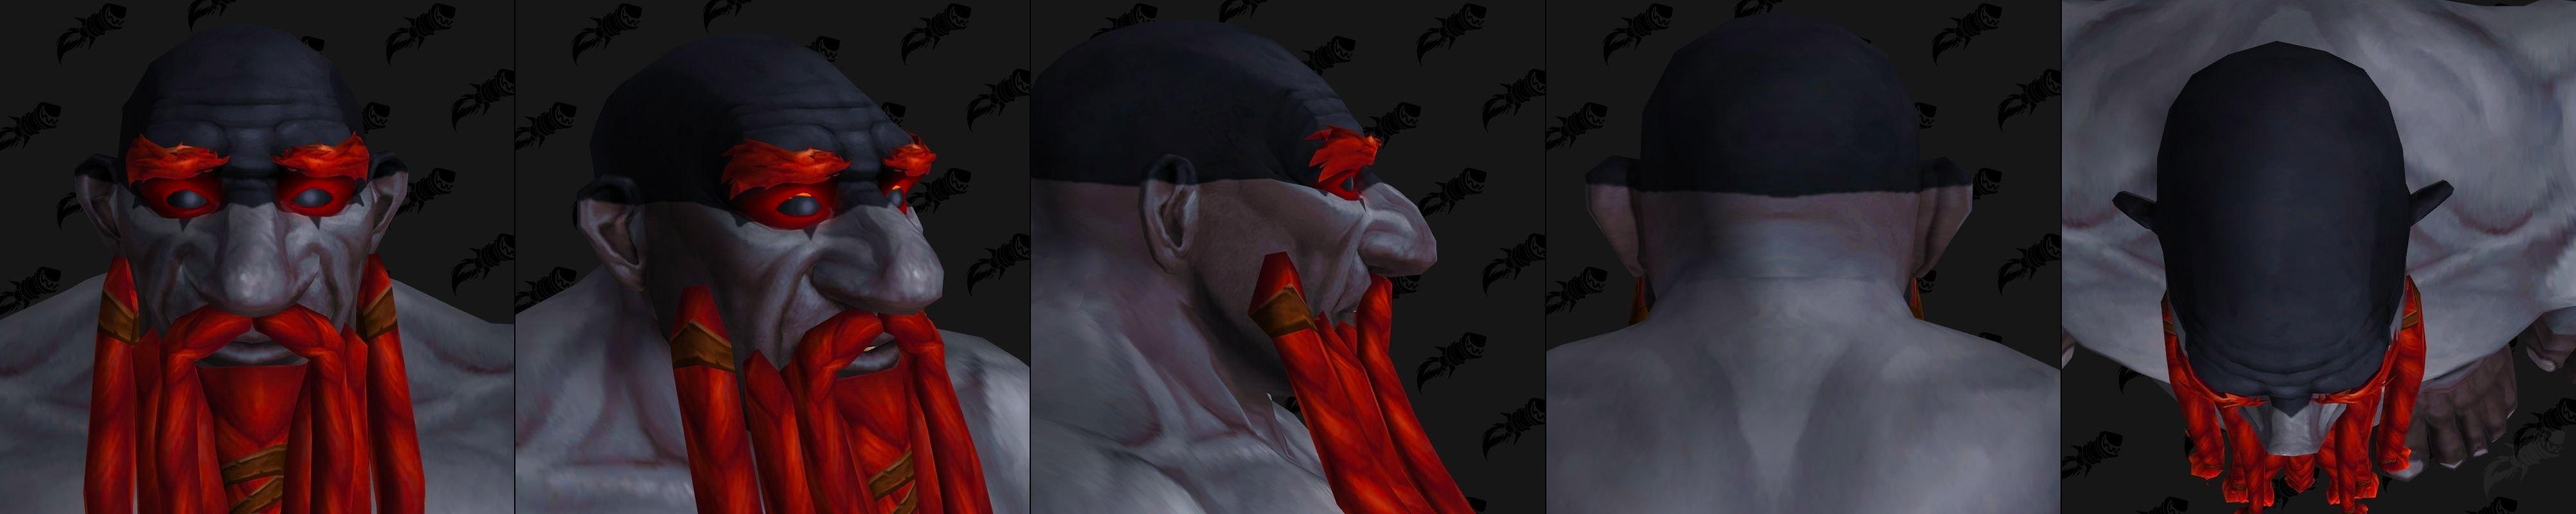 Nain Sombrefer (Homme) et options de tatouage de tête